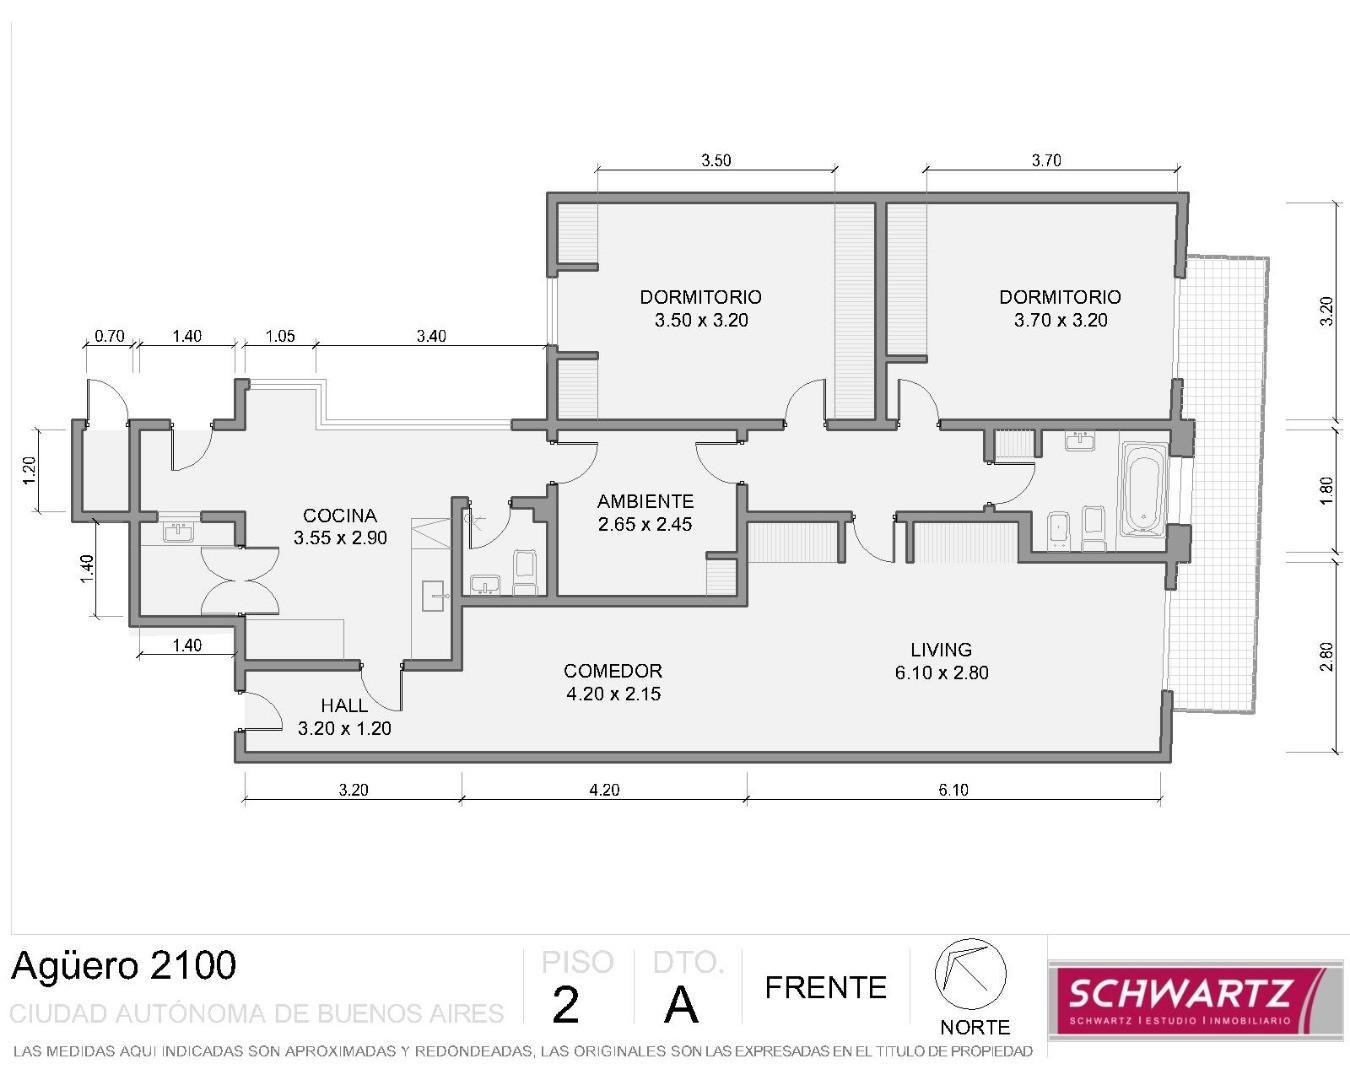 AGUERO 2100 - 4 AMB - FTE - BCON - 108 m2